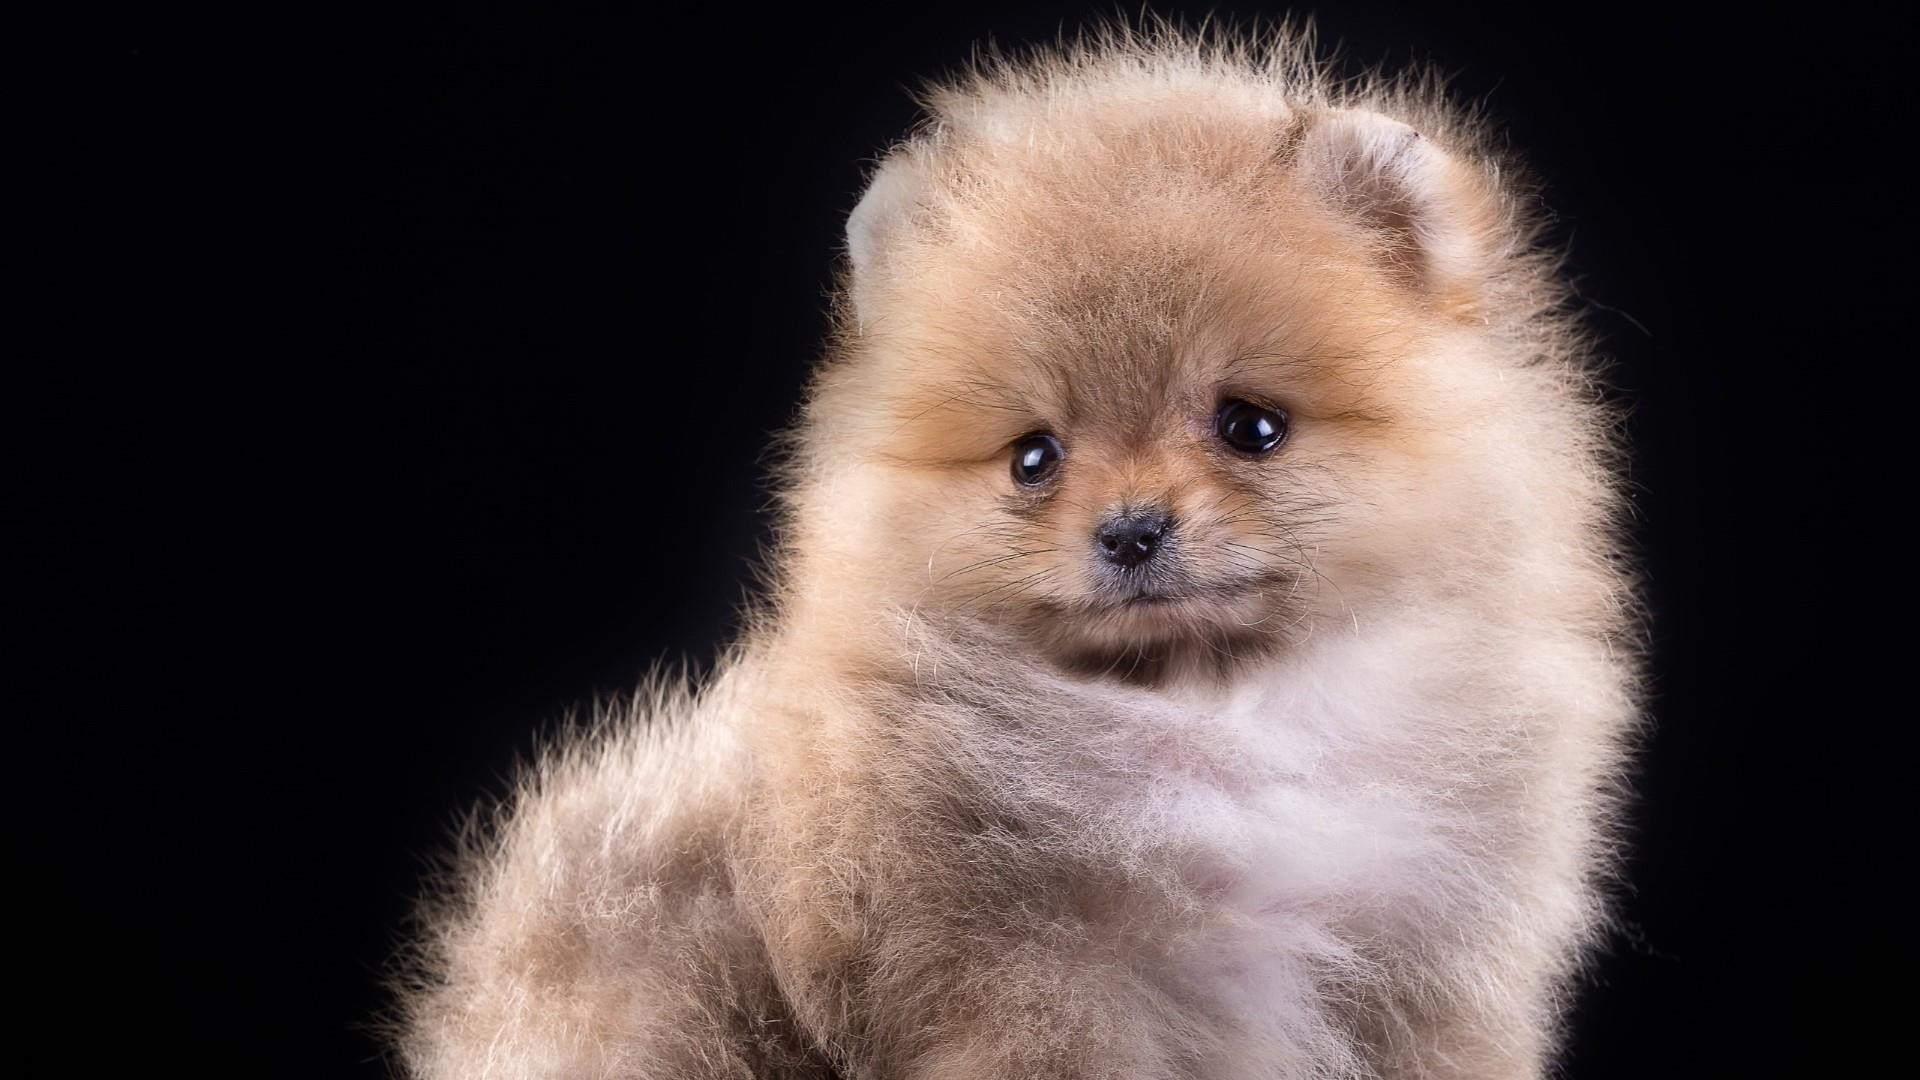 1920x1080 Cute Puppy Wallpaper 25746